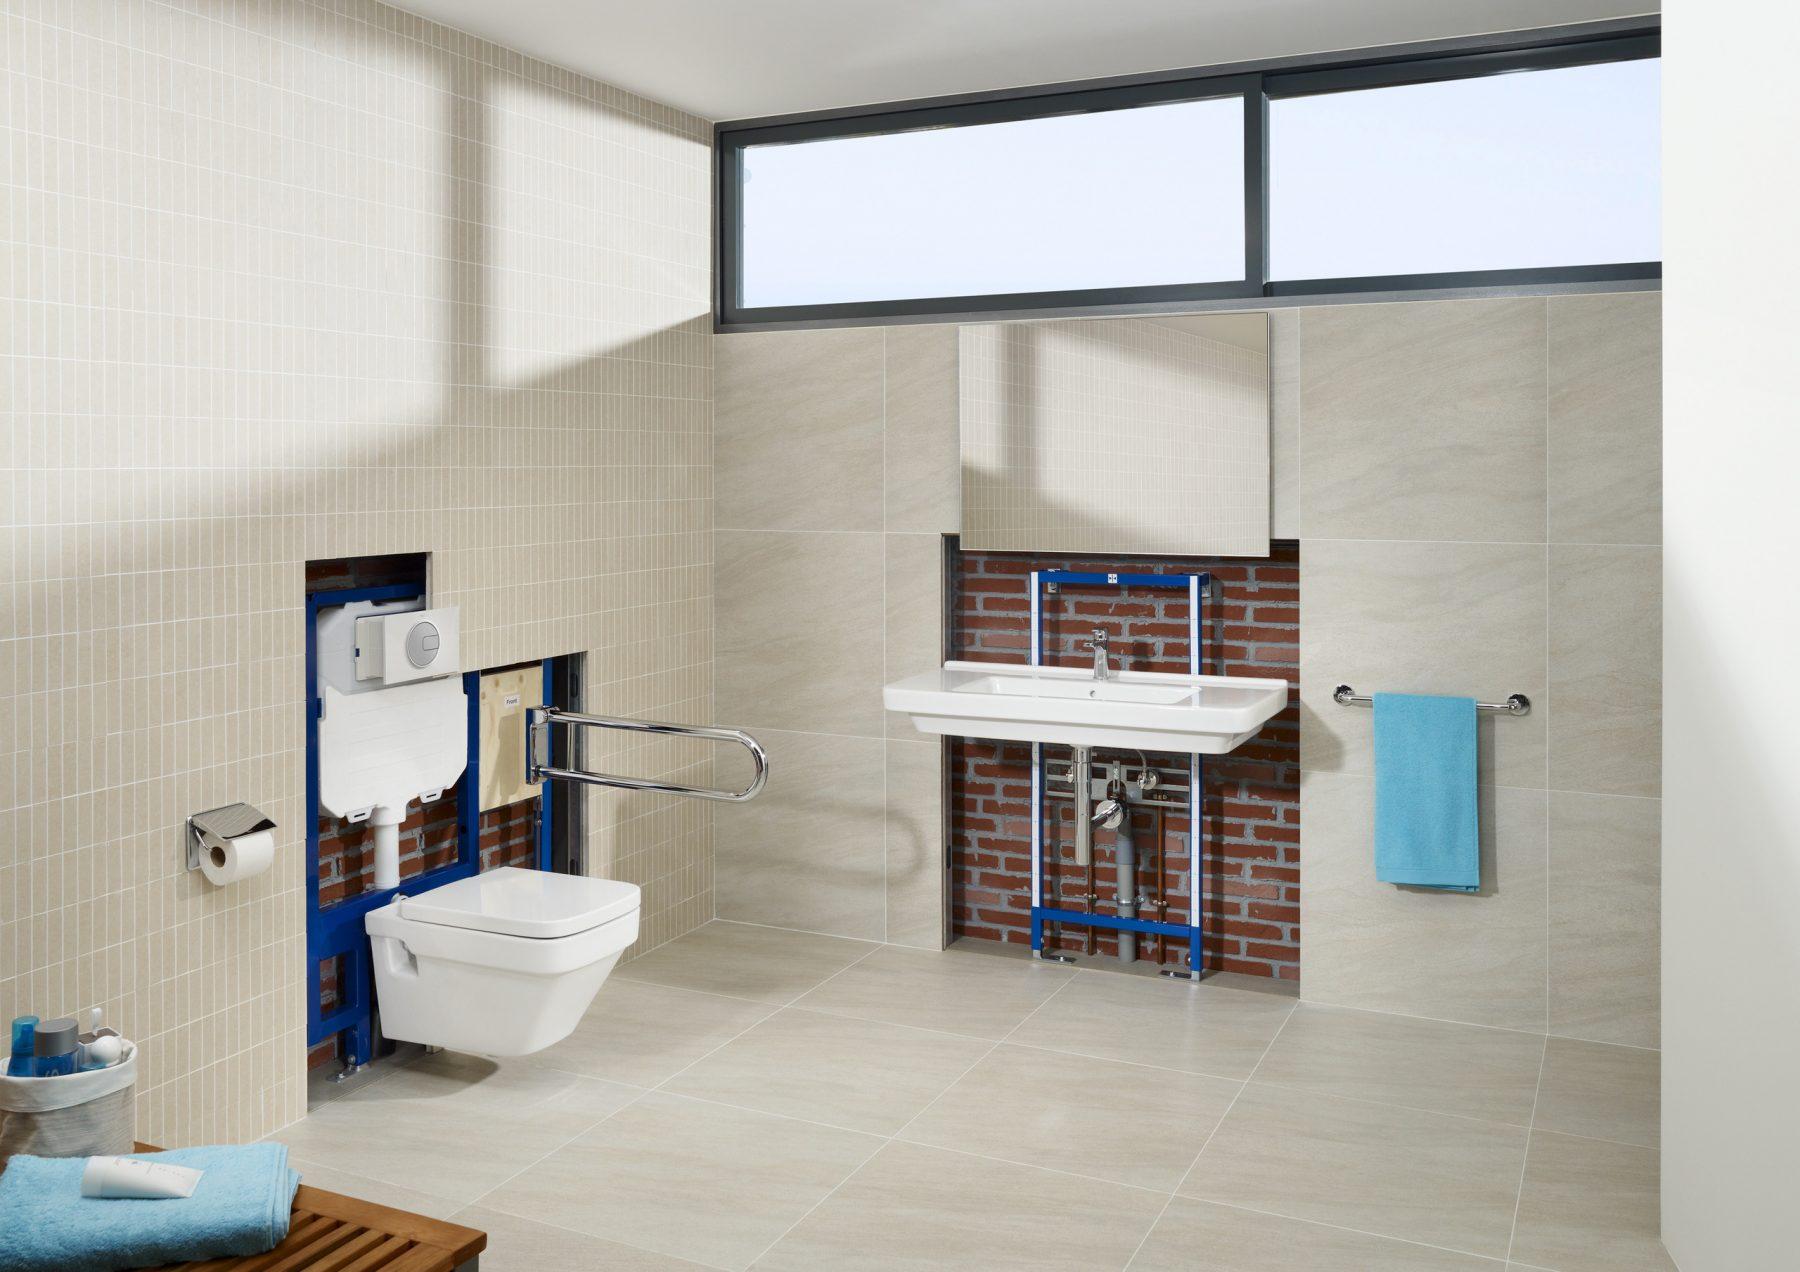 B ti support de lavabo de salle de bain fiche produit for Support de salle de bain